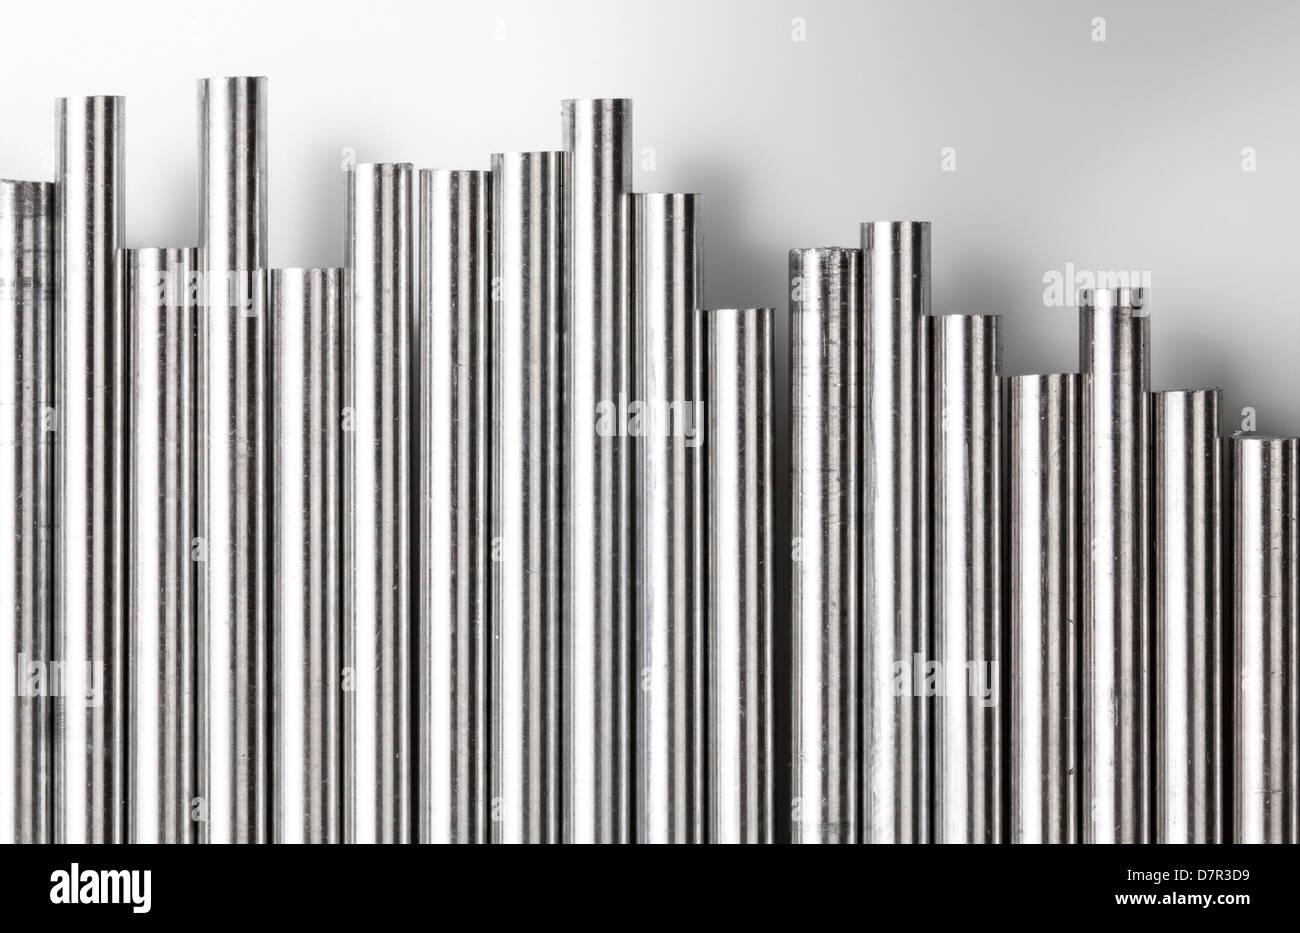 Une pile de barres rondes alumnium groupés Photo Stock